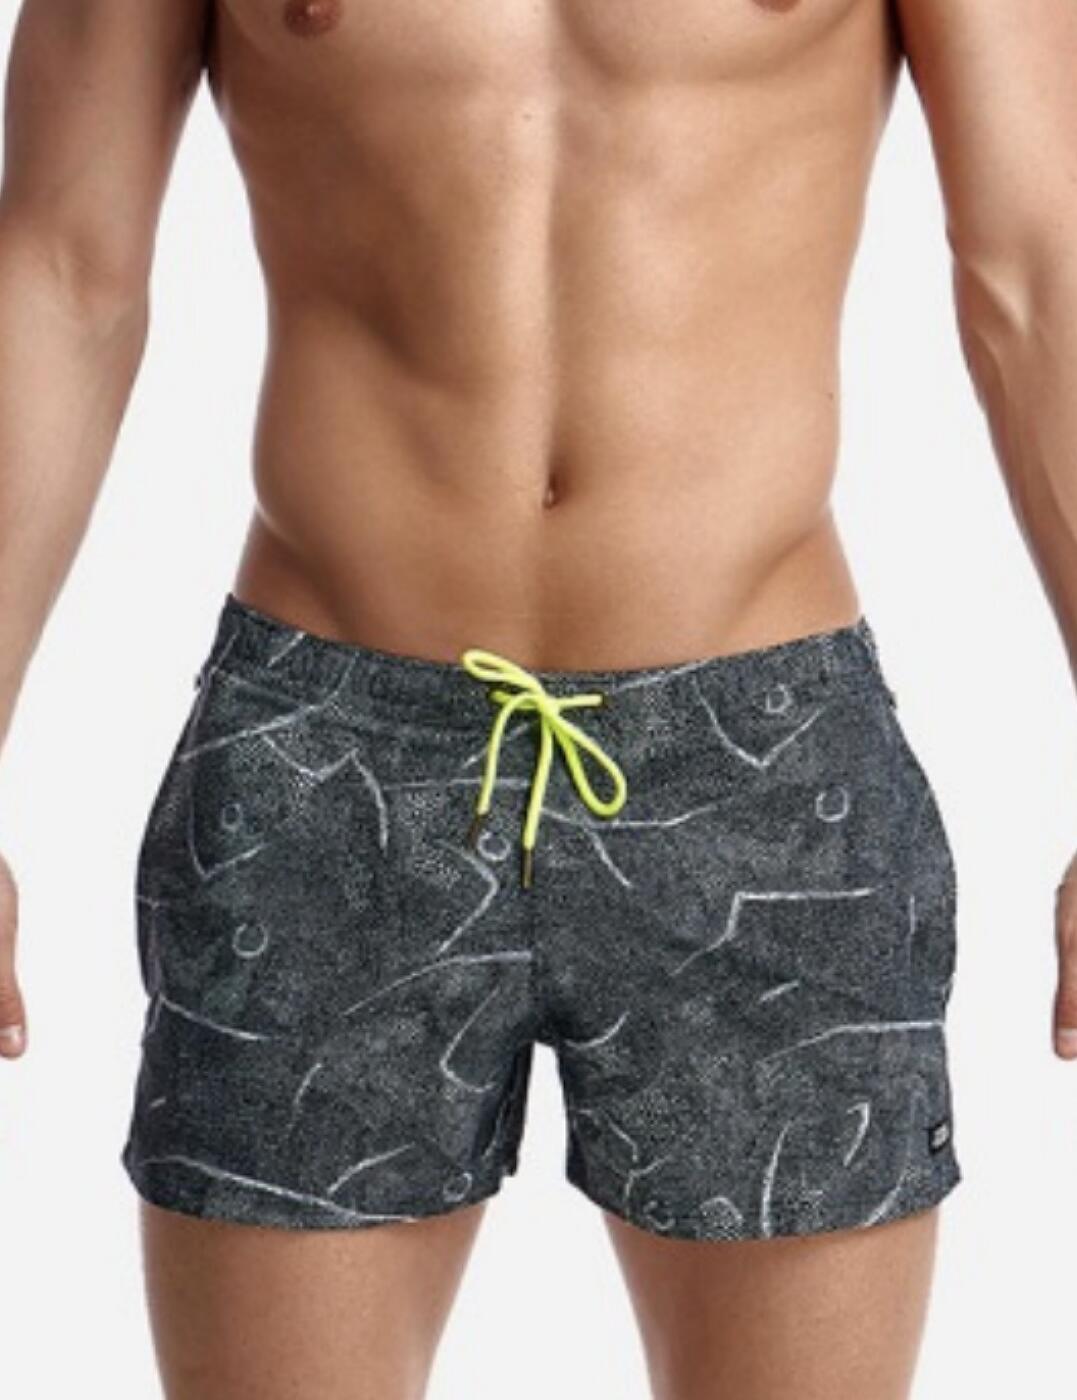 FT40M Funky Trunks Mens 'Shorty Shorts' Swim Short - FT40M02310 Crack Up